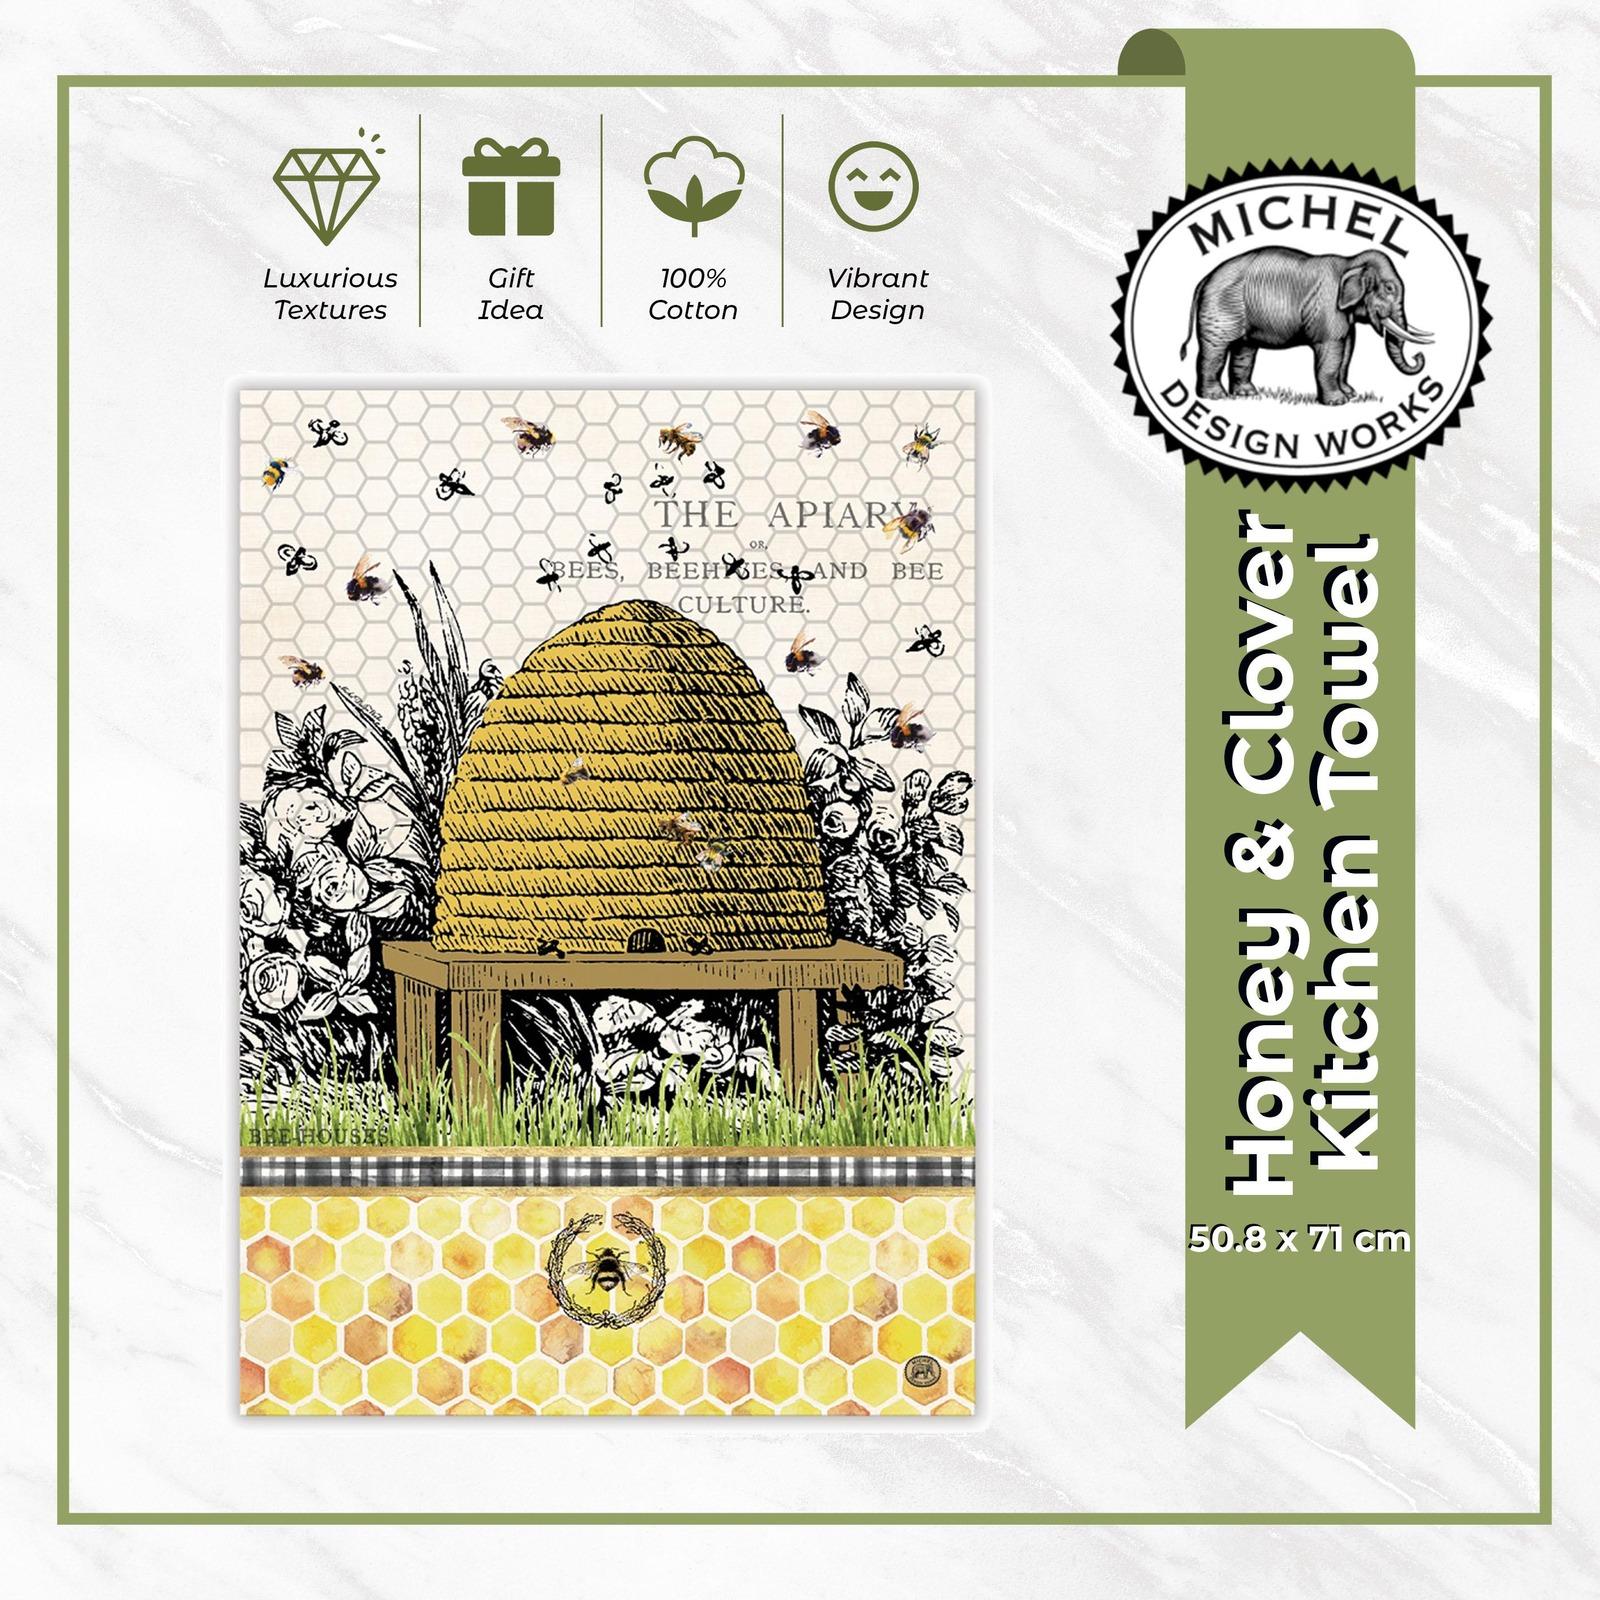 Michel Design Works Kitchen Towel - Honey & Clover